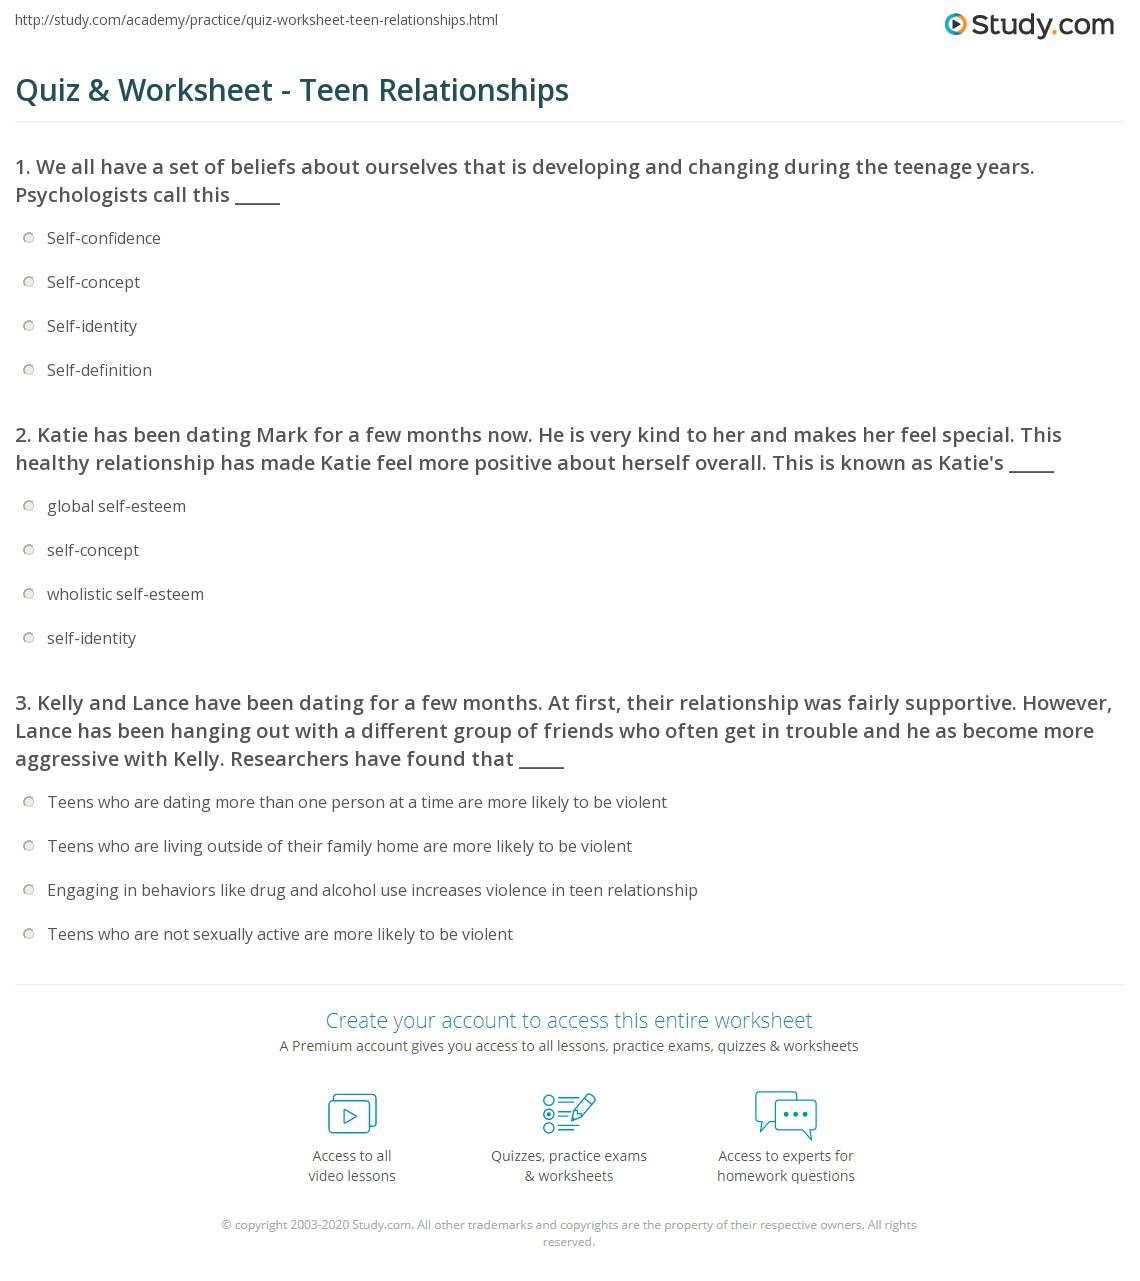 Quiz & Worksheet - Teen Relationships | Study.com